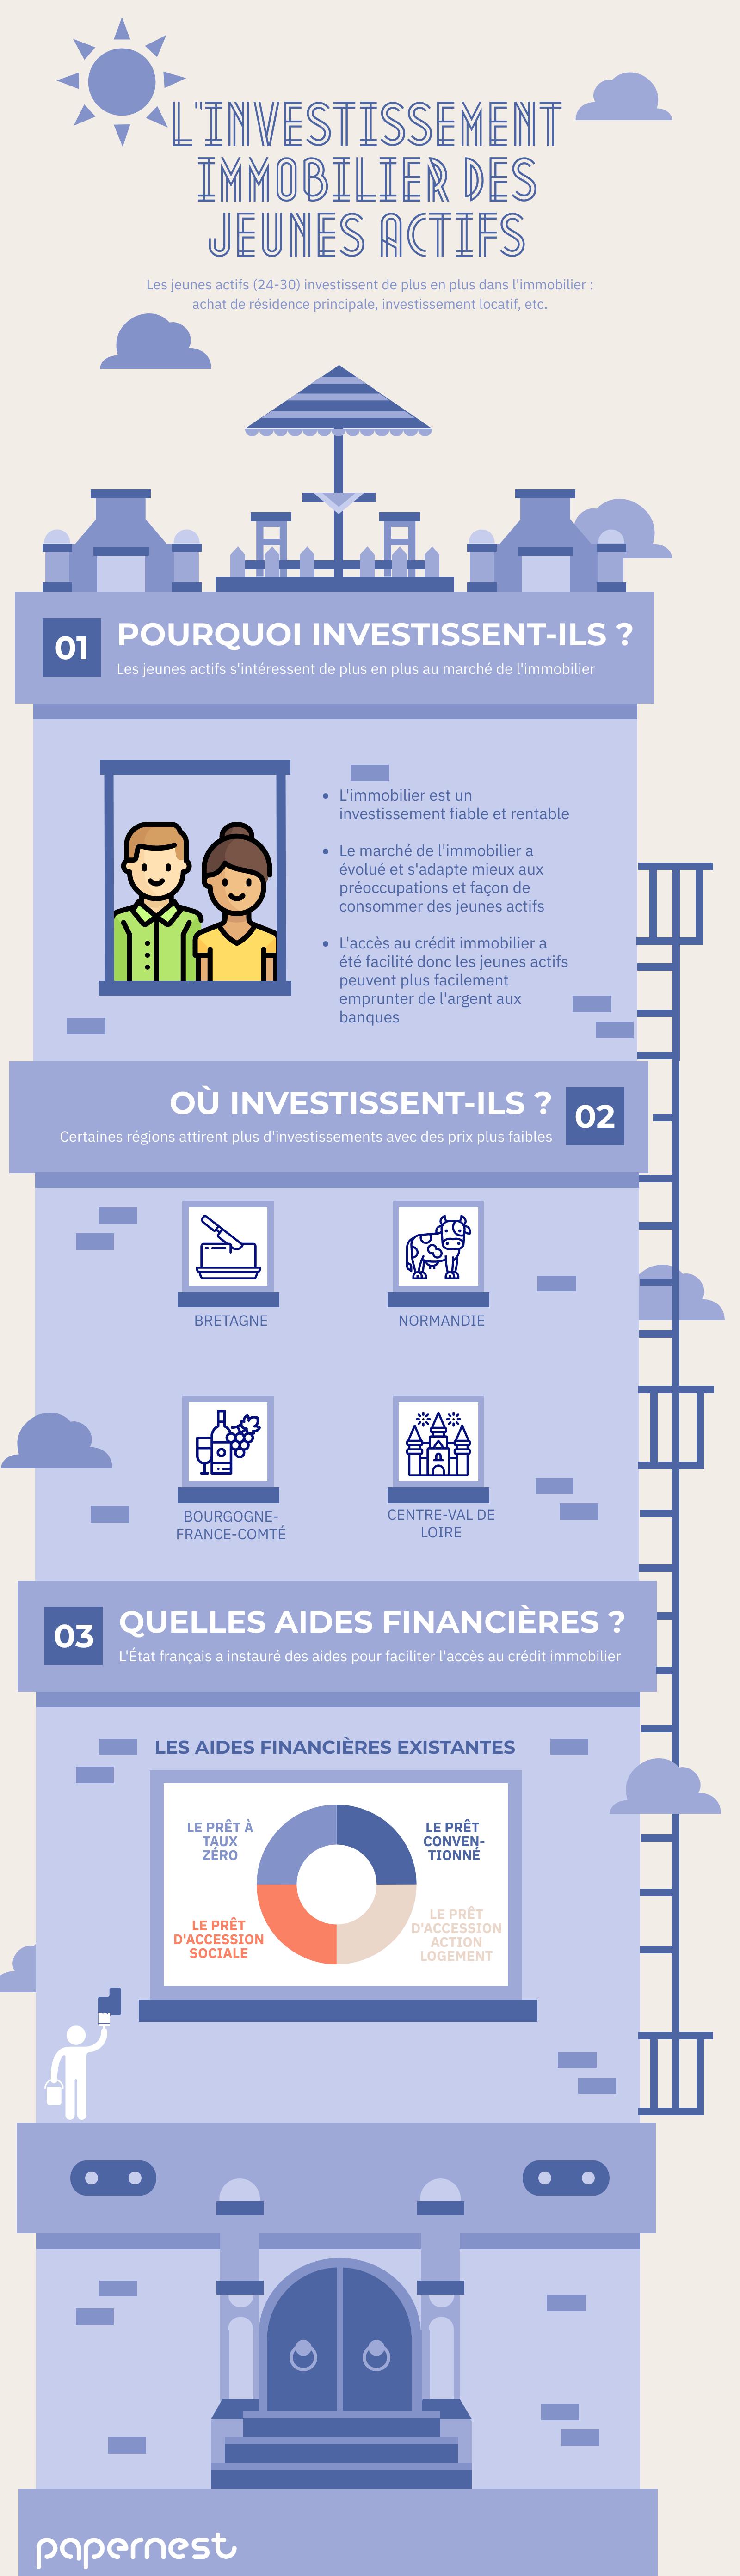 Investissement immobilier des jeunes actifs français infographie